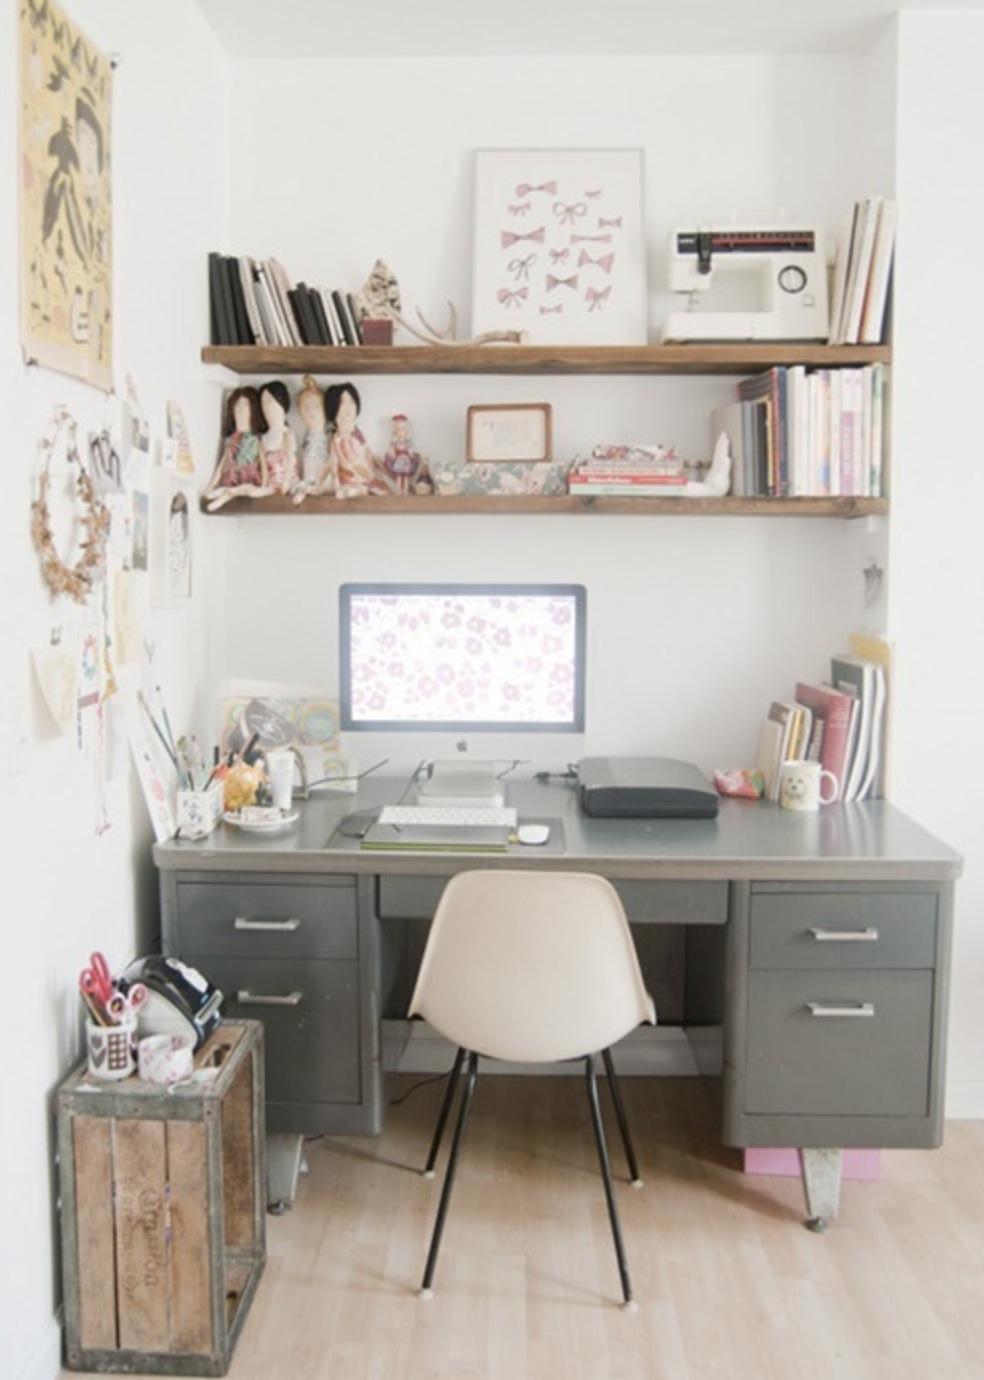 Retr and design angolo studio lavoro in casa back to - Angolo studio ikea ...